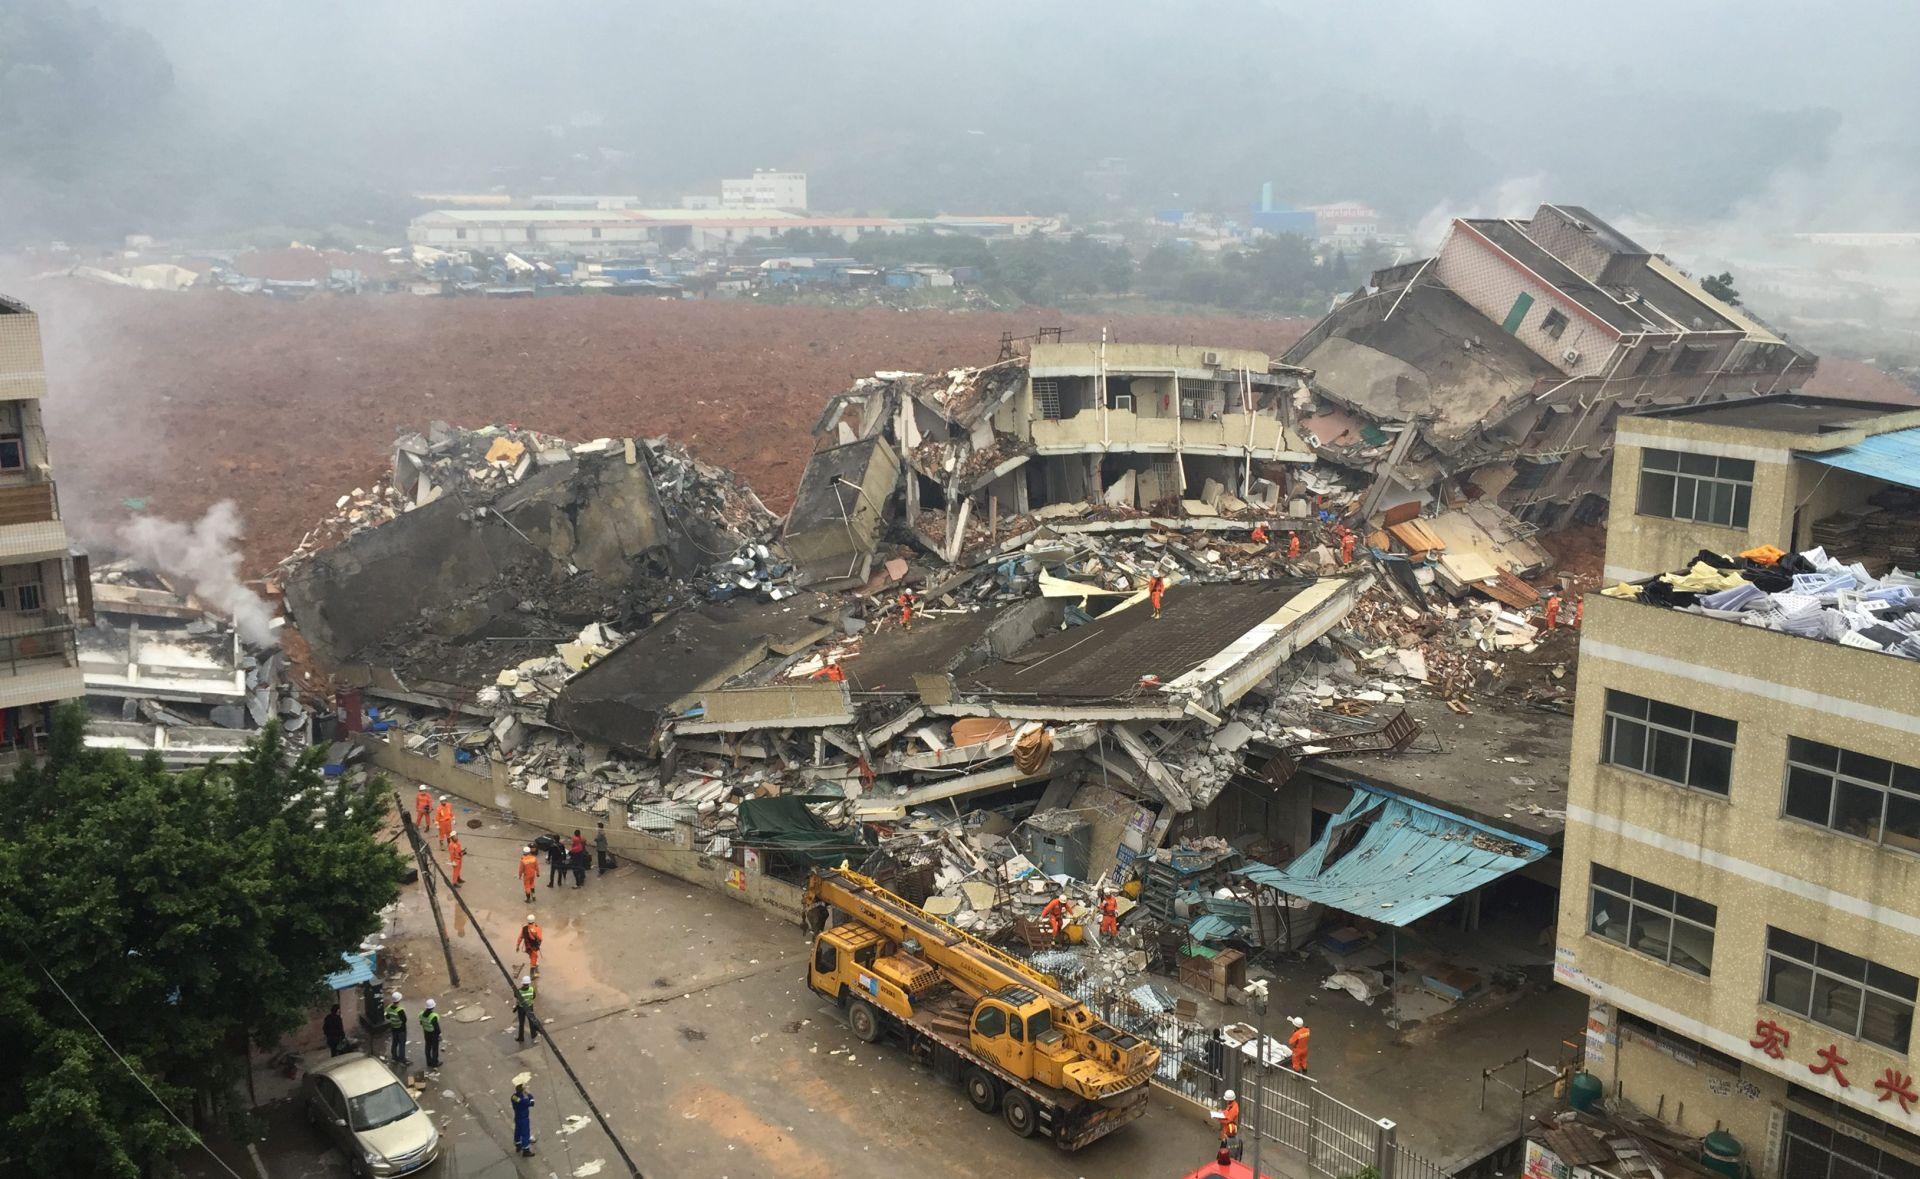 NOVI PODACI: Najmanje 91 osoba nestala u odronu u kineskoj industrijskoj zoni